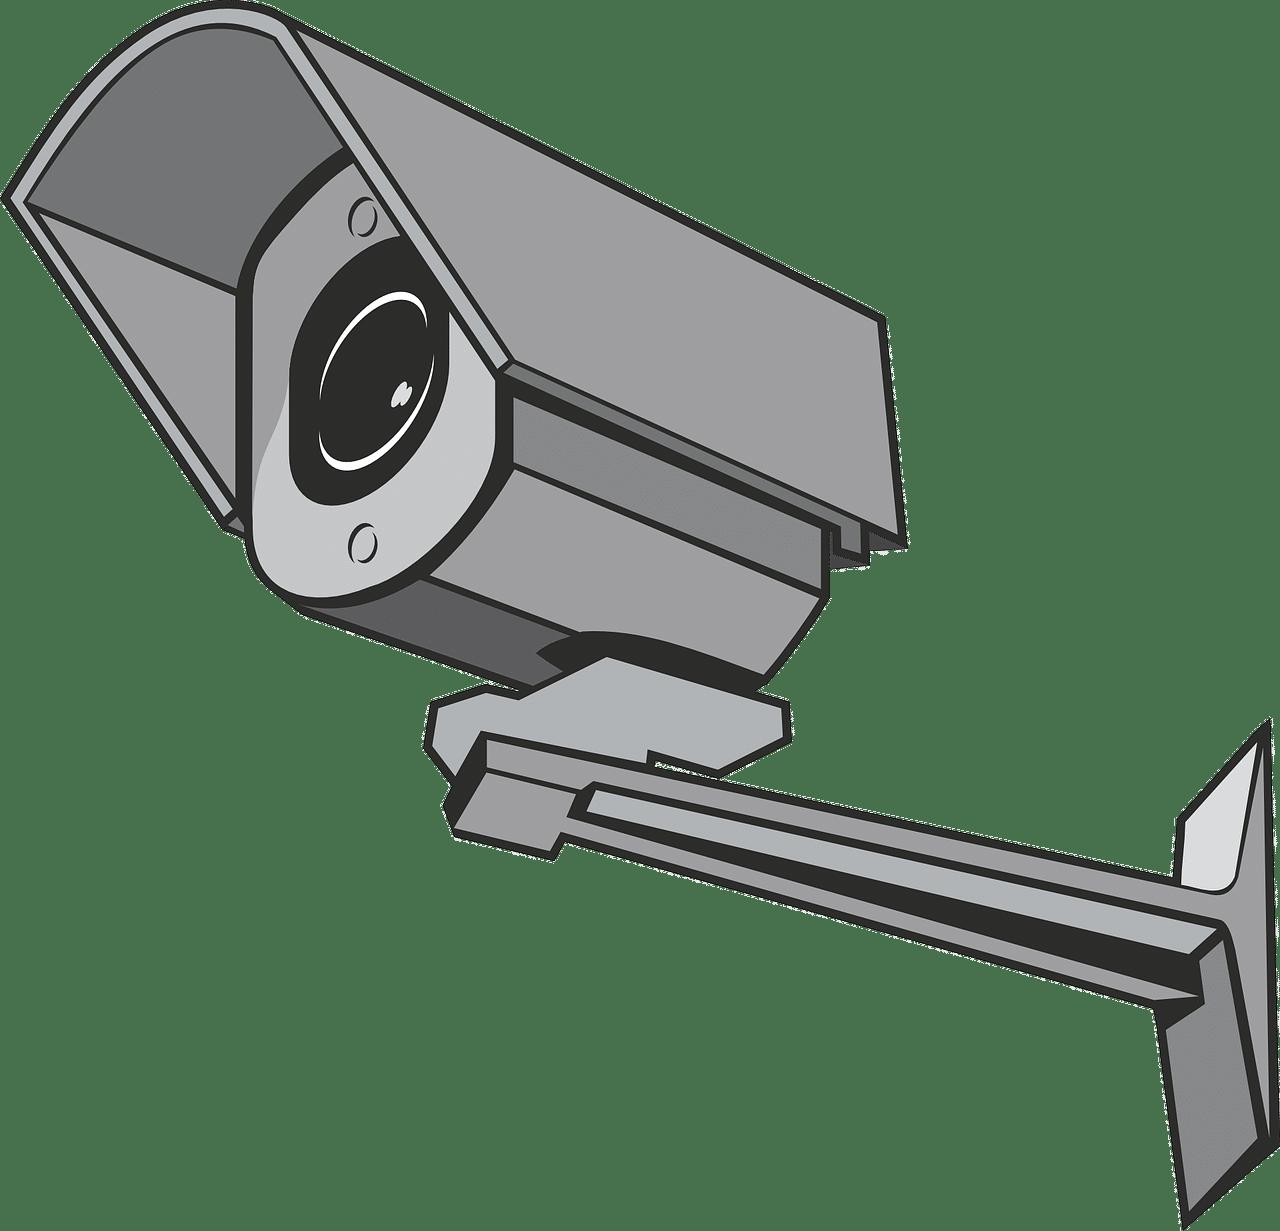 Vente en ligne de caméras espions les plus insolites